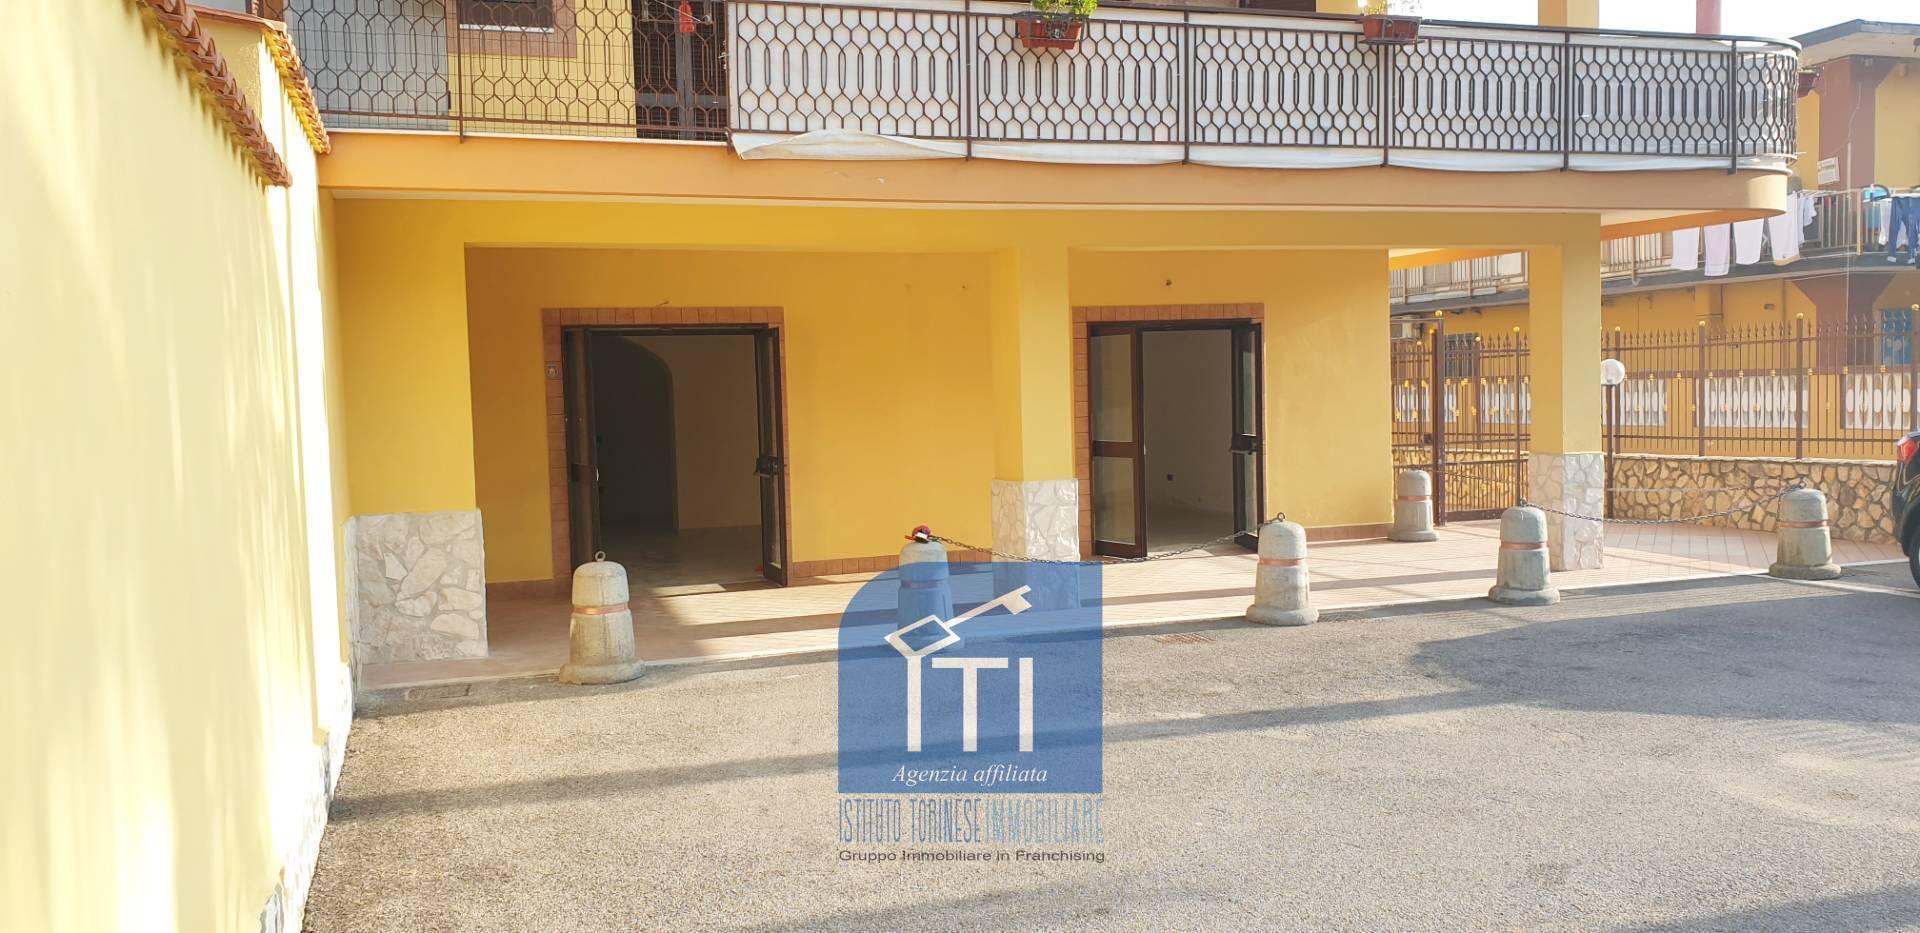 Negozio / Locale in vendita a Castel Volturno, 9999 locali, prezzo € 53.000 | CambioCasa.it